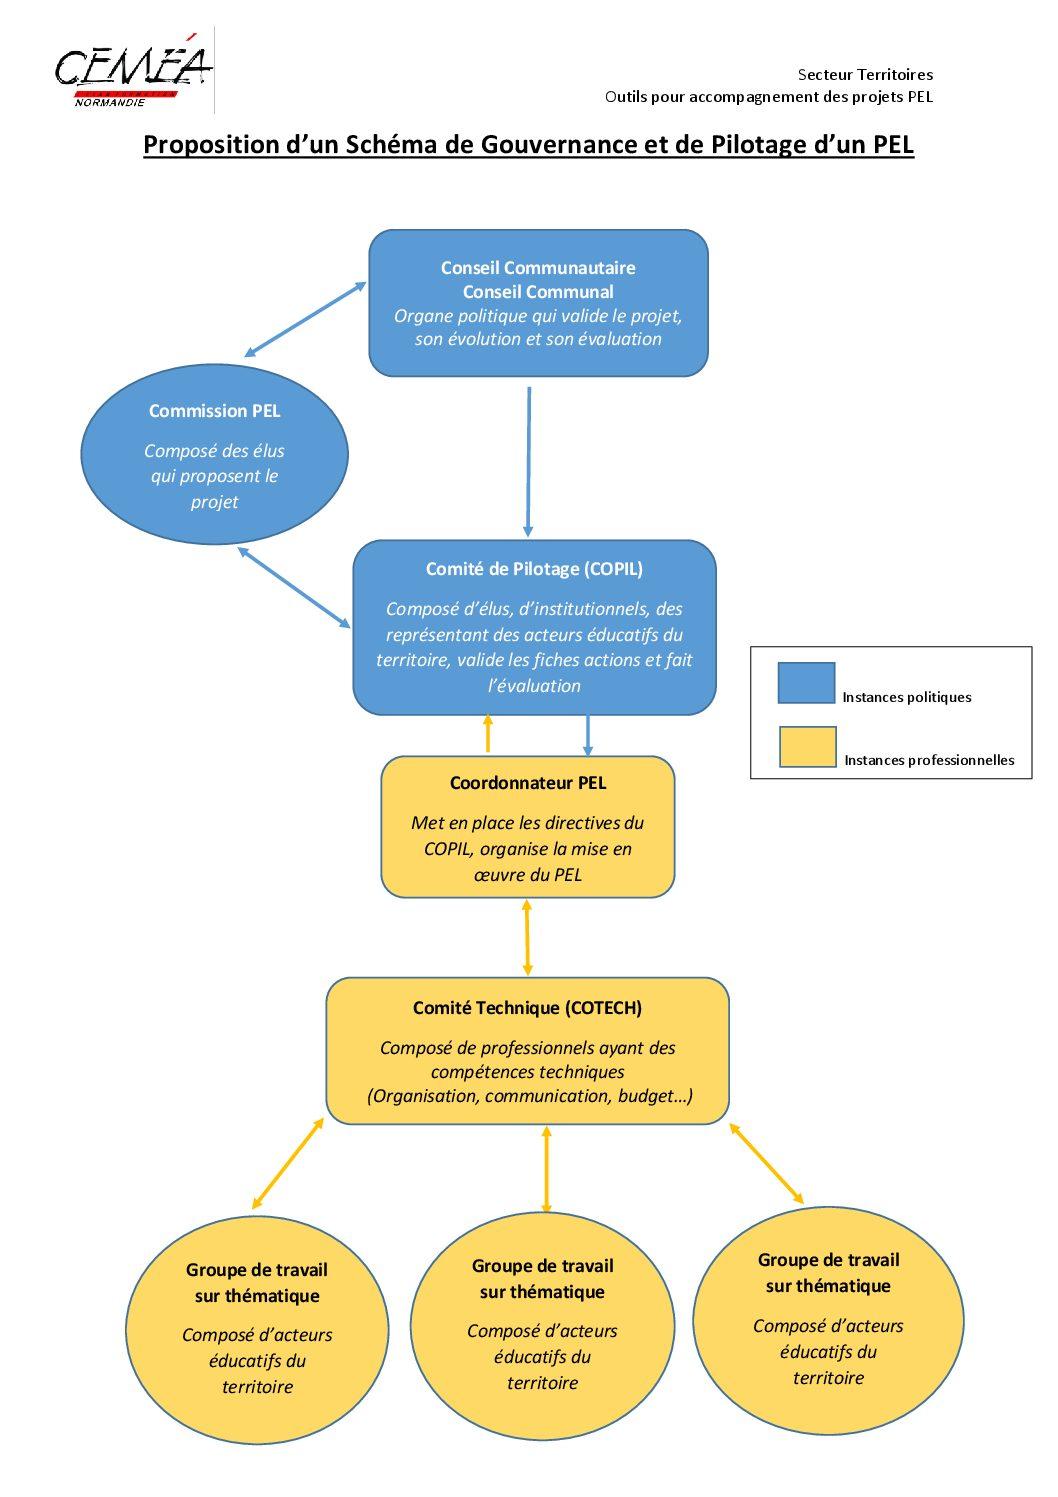 Schéma de Gouvernance d'un PEL